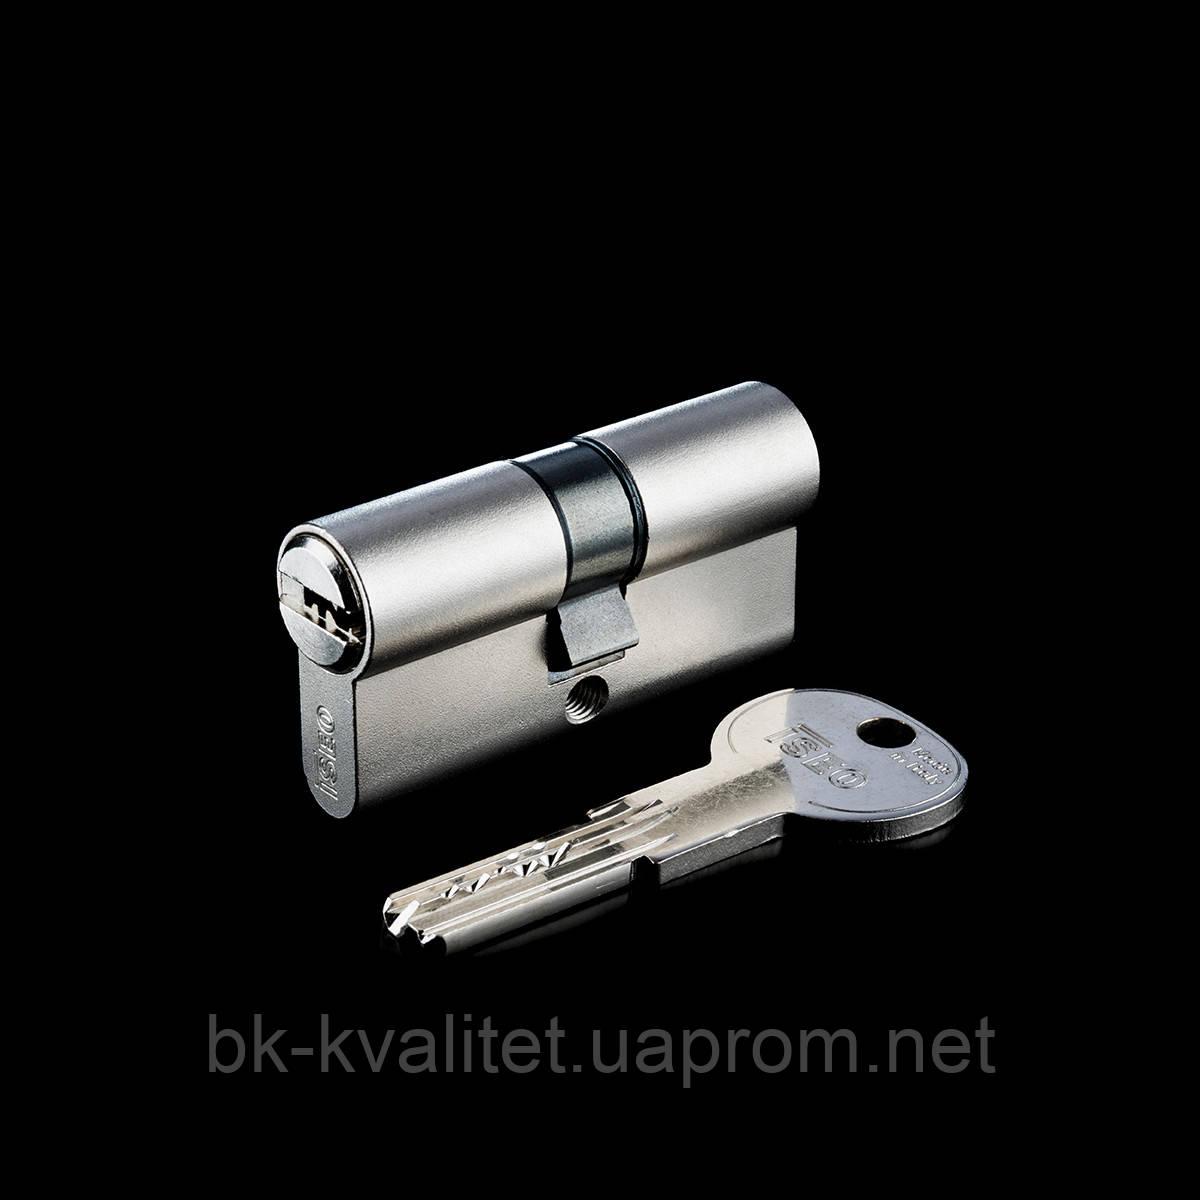 Цилиндр ISEO R6 95 (40х55) ключ/ключ, никель